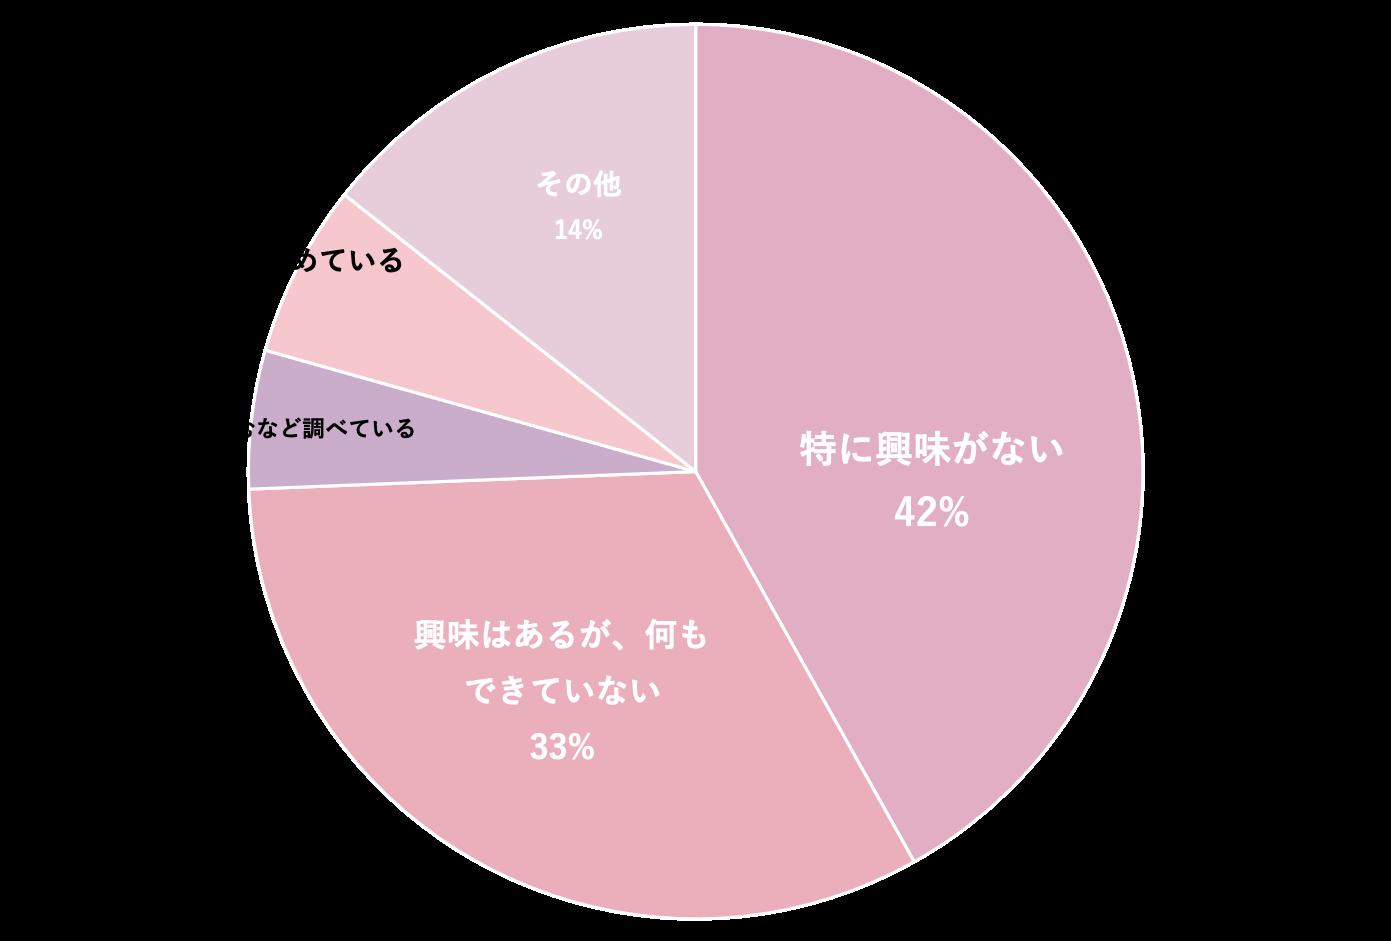 資産運用の円グラフ